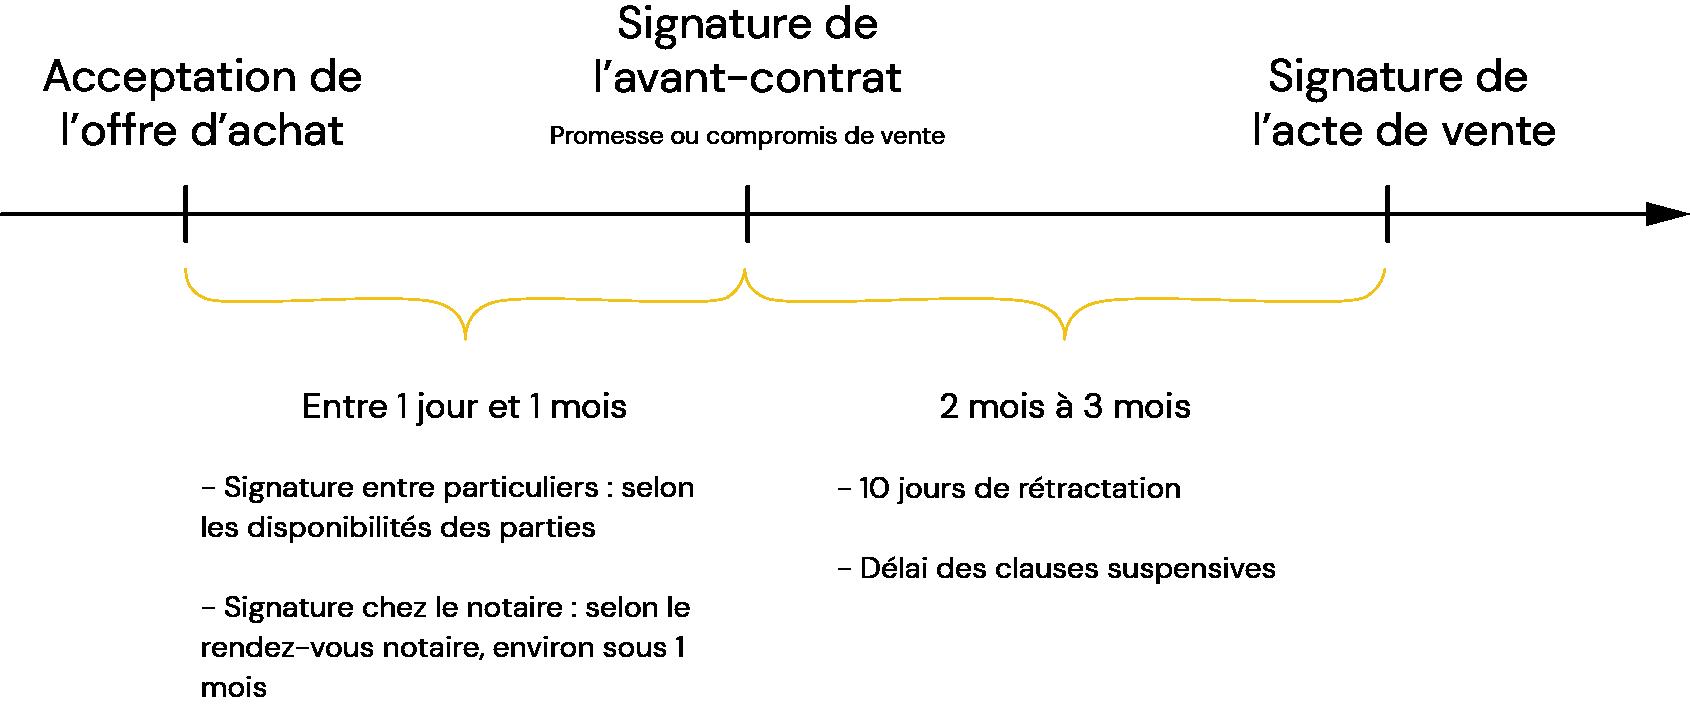 schéma des délais entre l'acceptation d'un offre et la signature de l'acte de vente